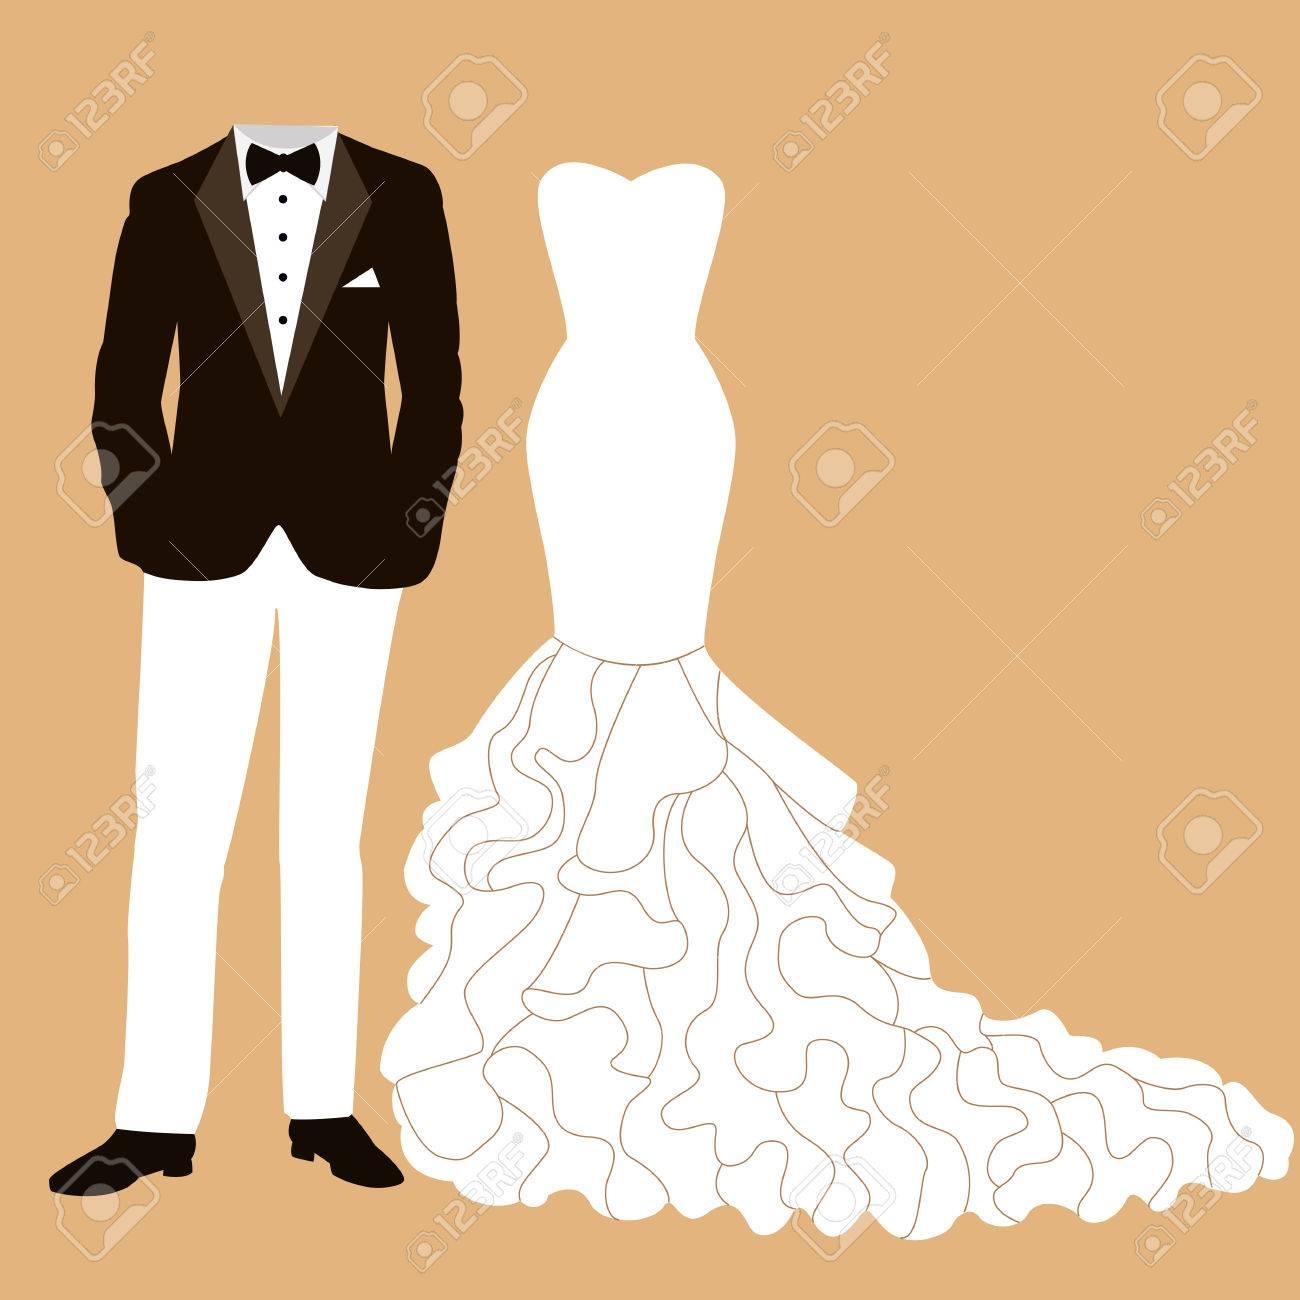 新郎新婦の衣装で結婚式のカード。美しいウェディング ドレスとタキシード。ベクトルの図。